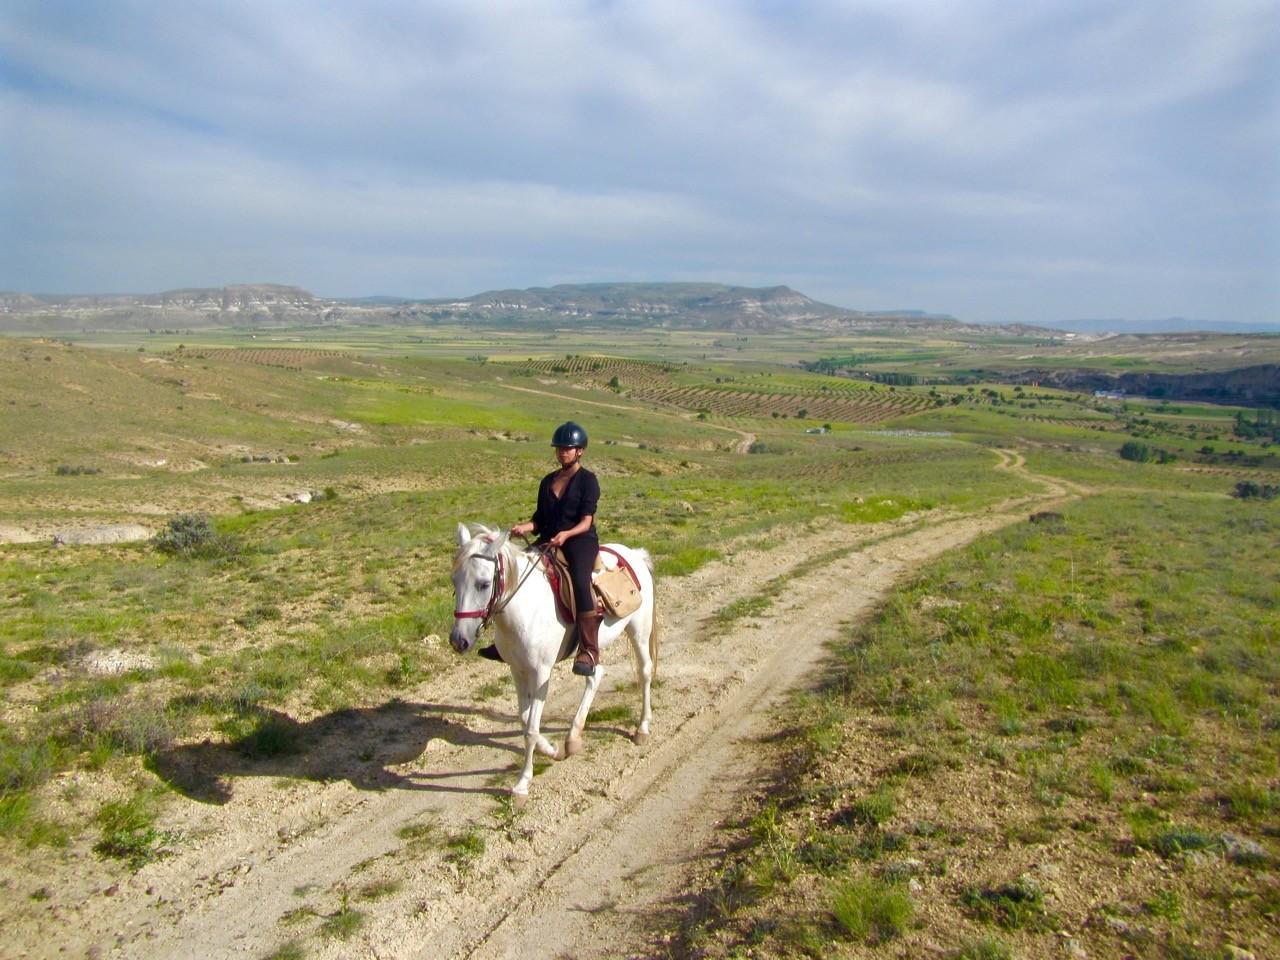 Horse riding in Cappadocia - 16